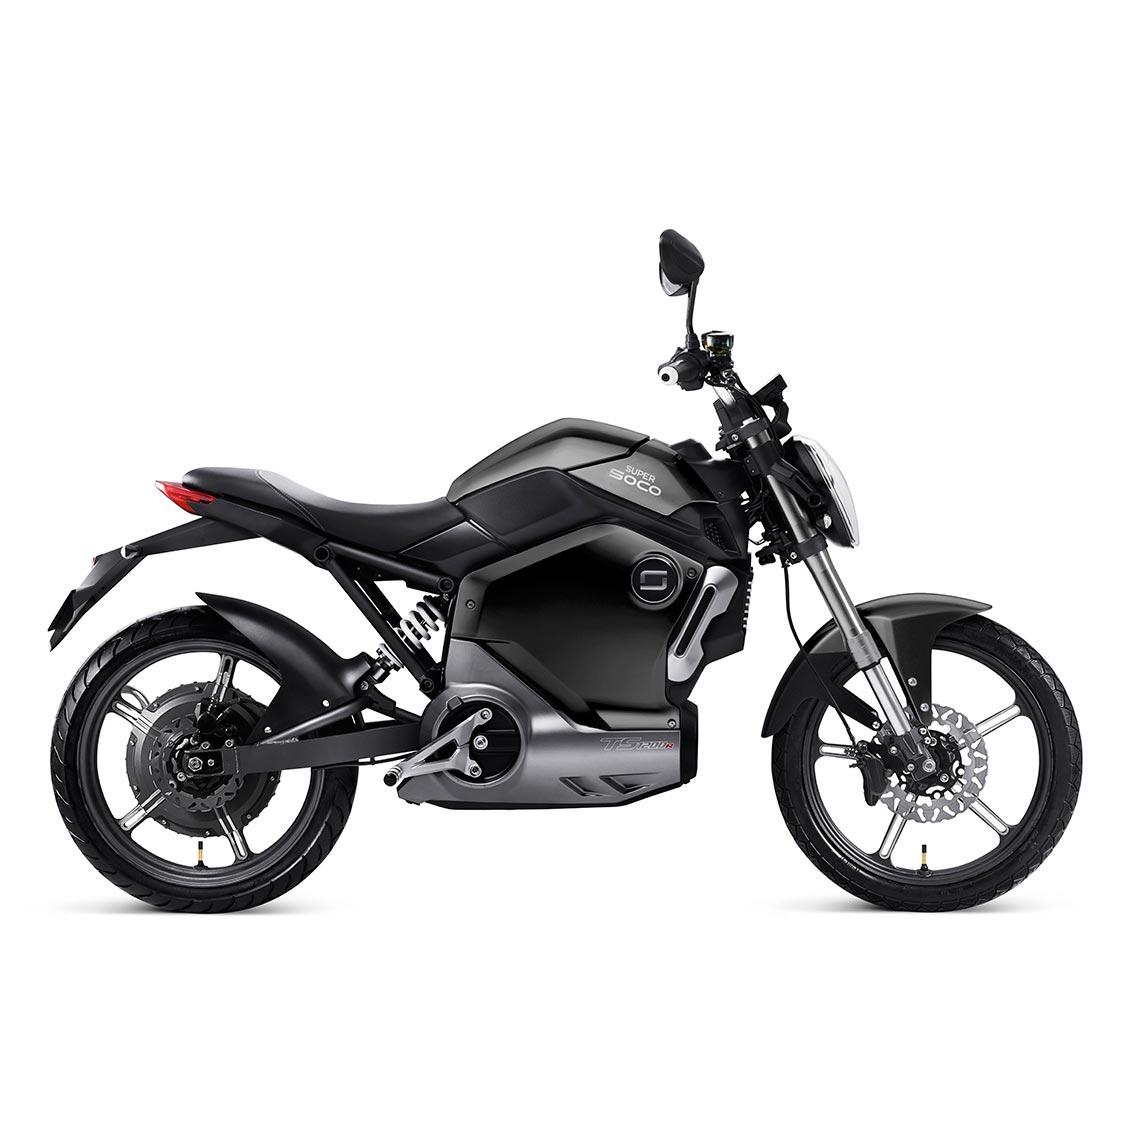 Les avantages d'une moto électrique